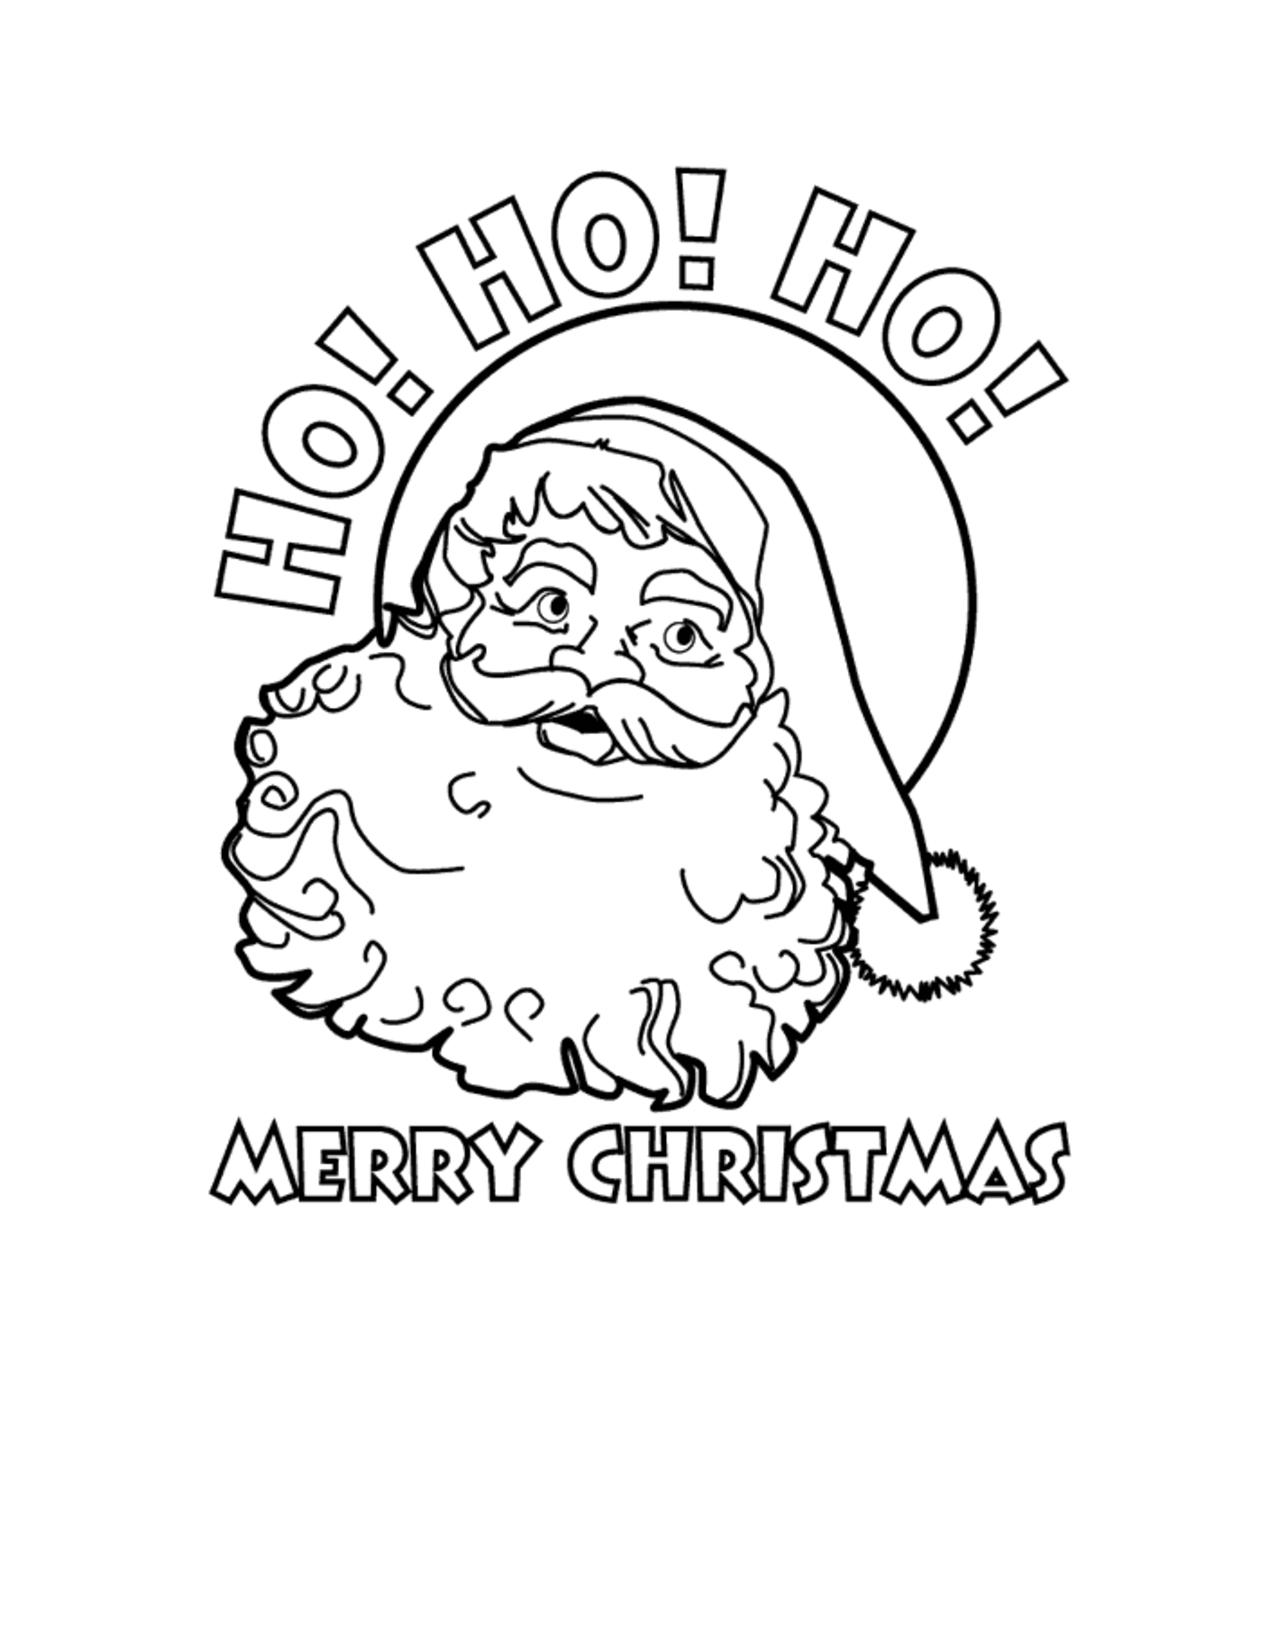 Ho Ho Ho Merry Christmas Santa Free Printable Coloring Sheet Free Printable Christmas Cards Printable Christmas Cards Printable Holiday Card